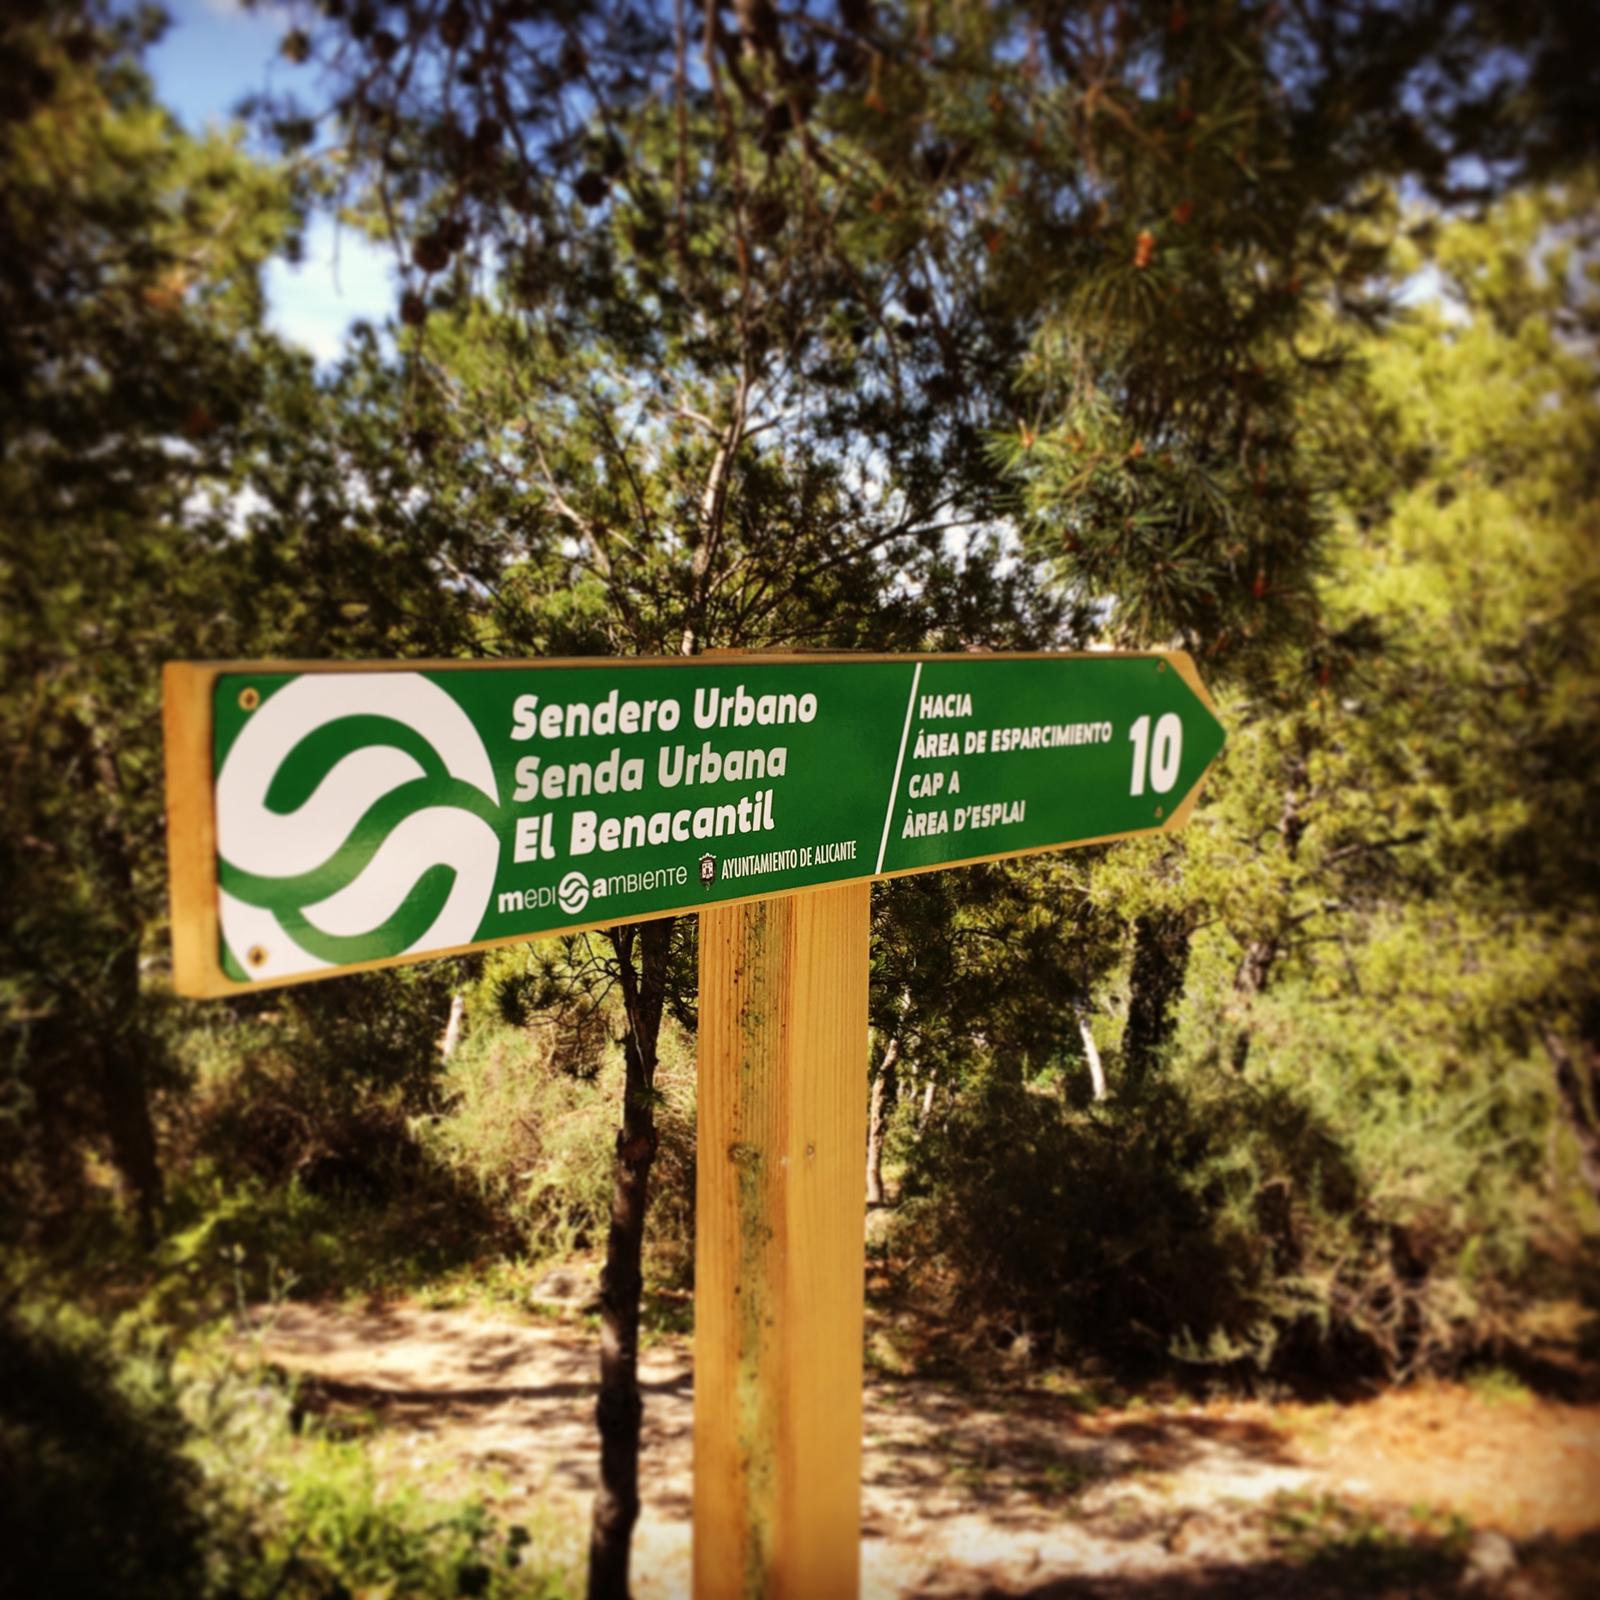 Señalética medio ambiental Sendero Urbano